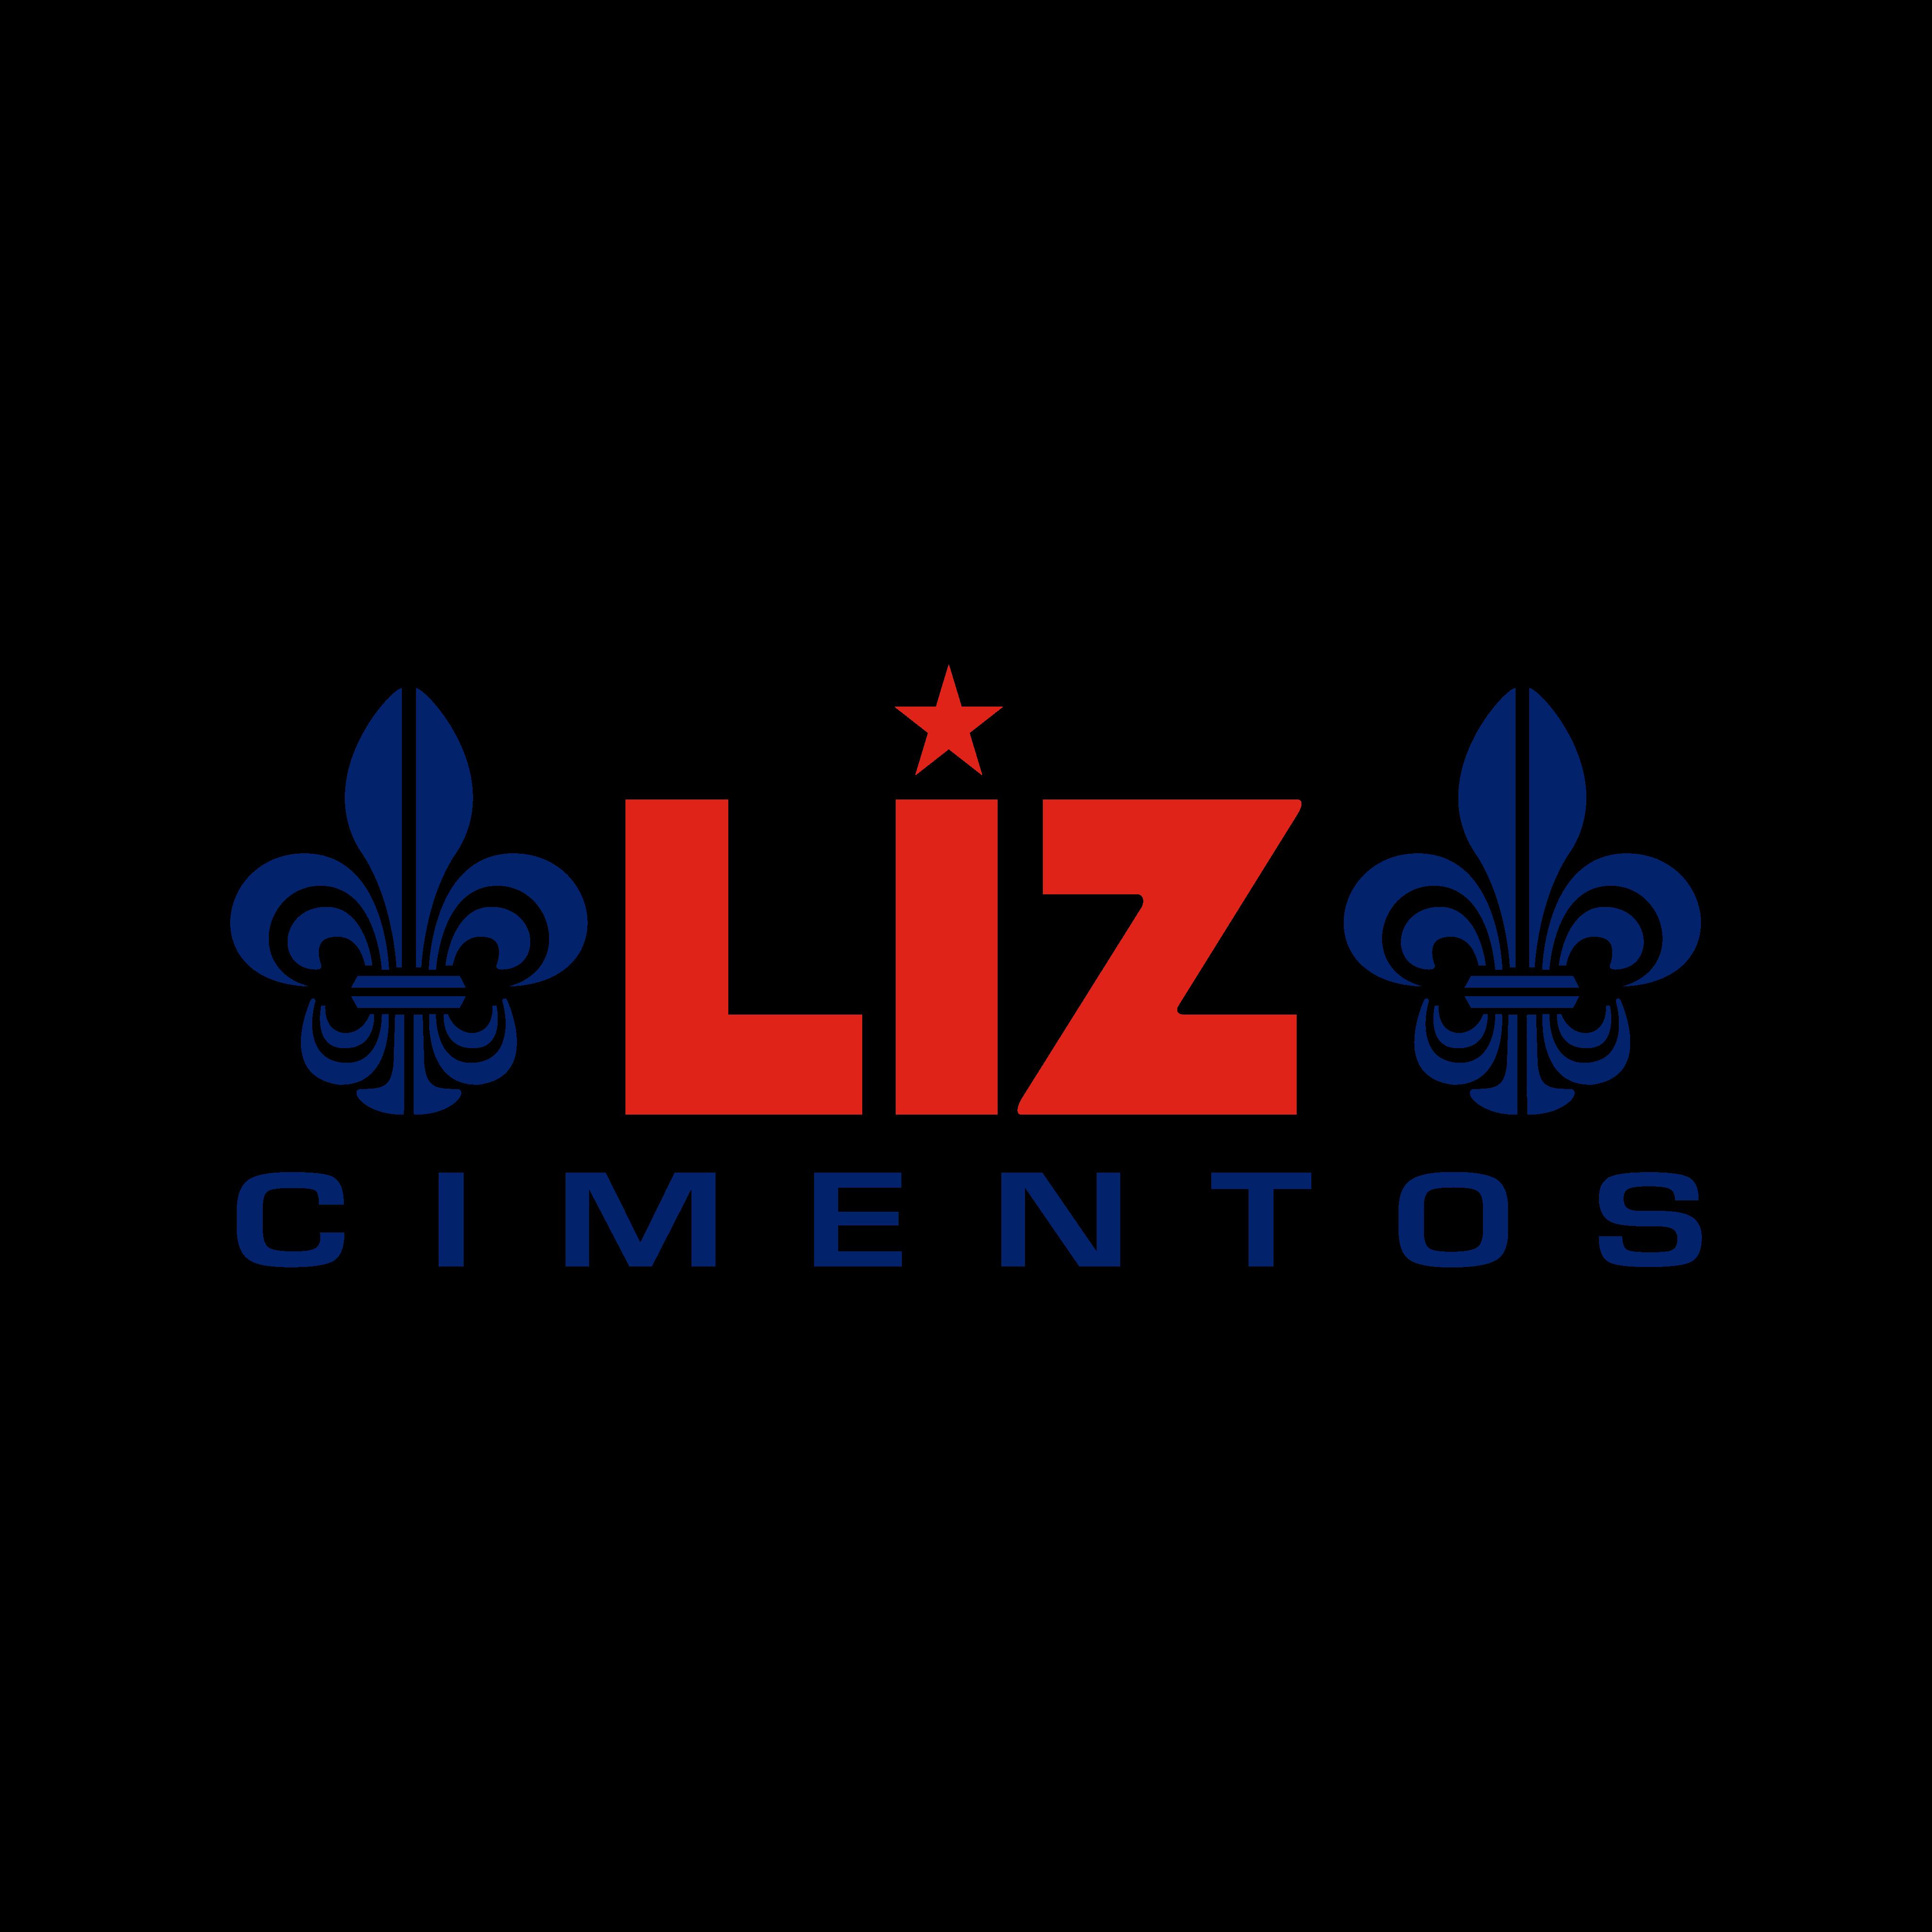 cimentos liz logo 0 - Cimentos Liz Logo